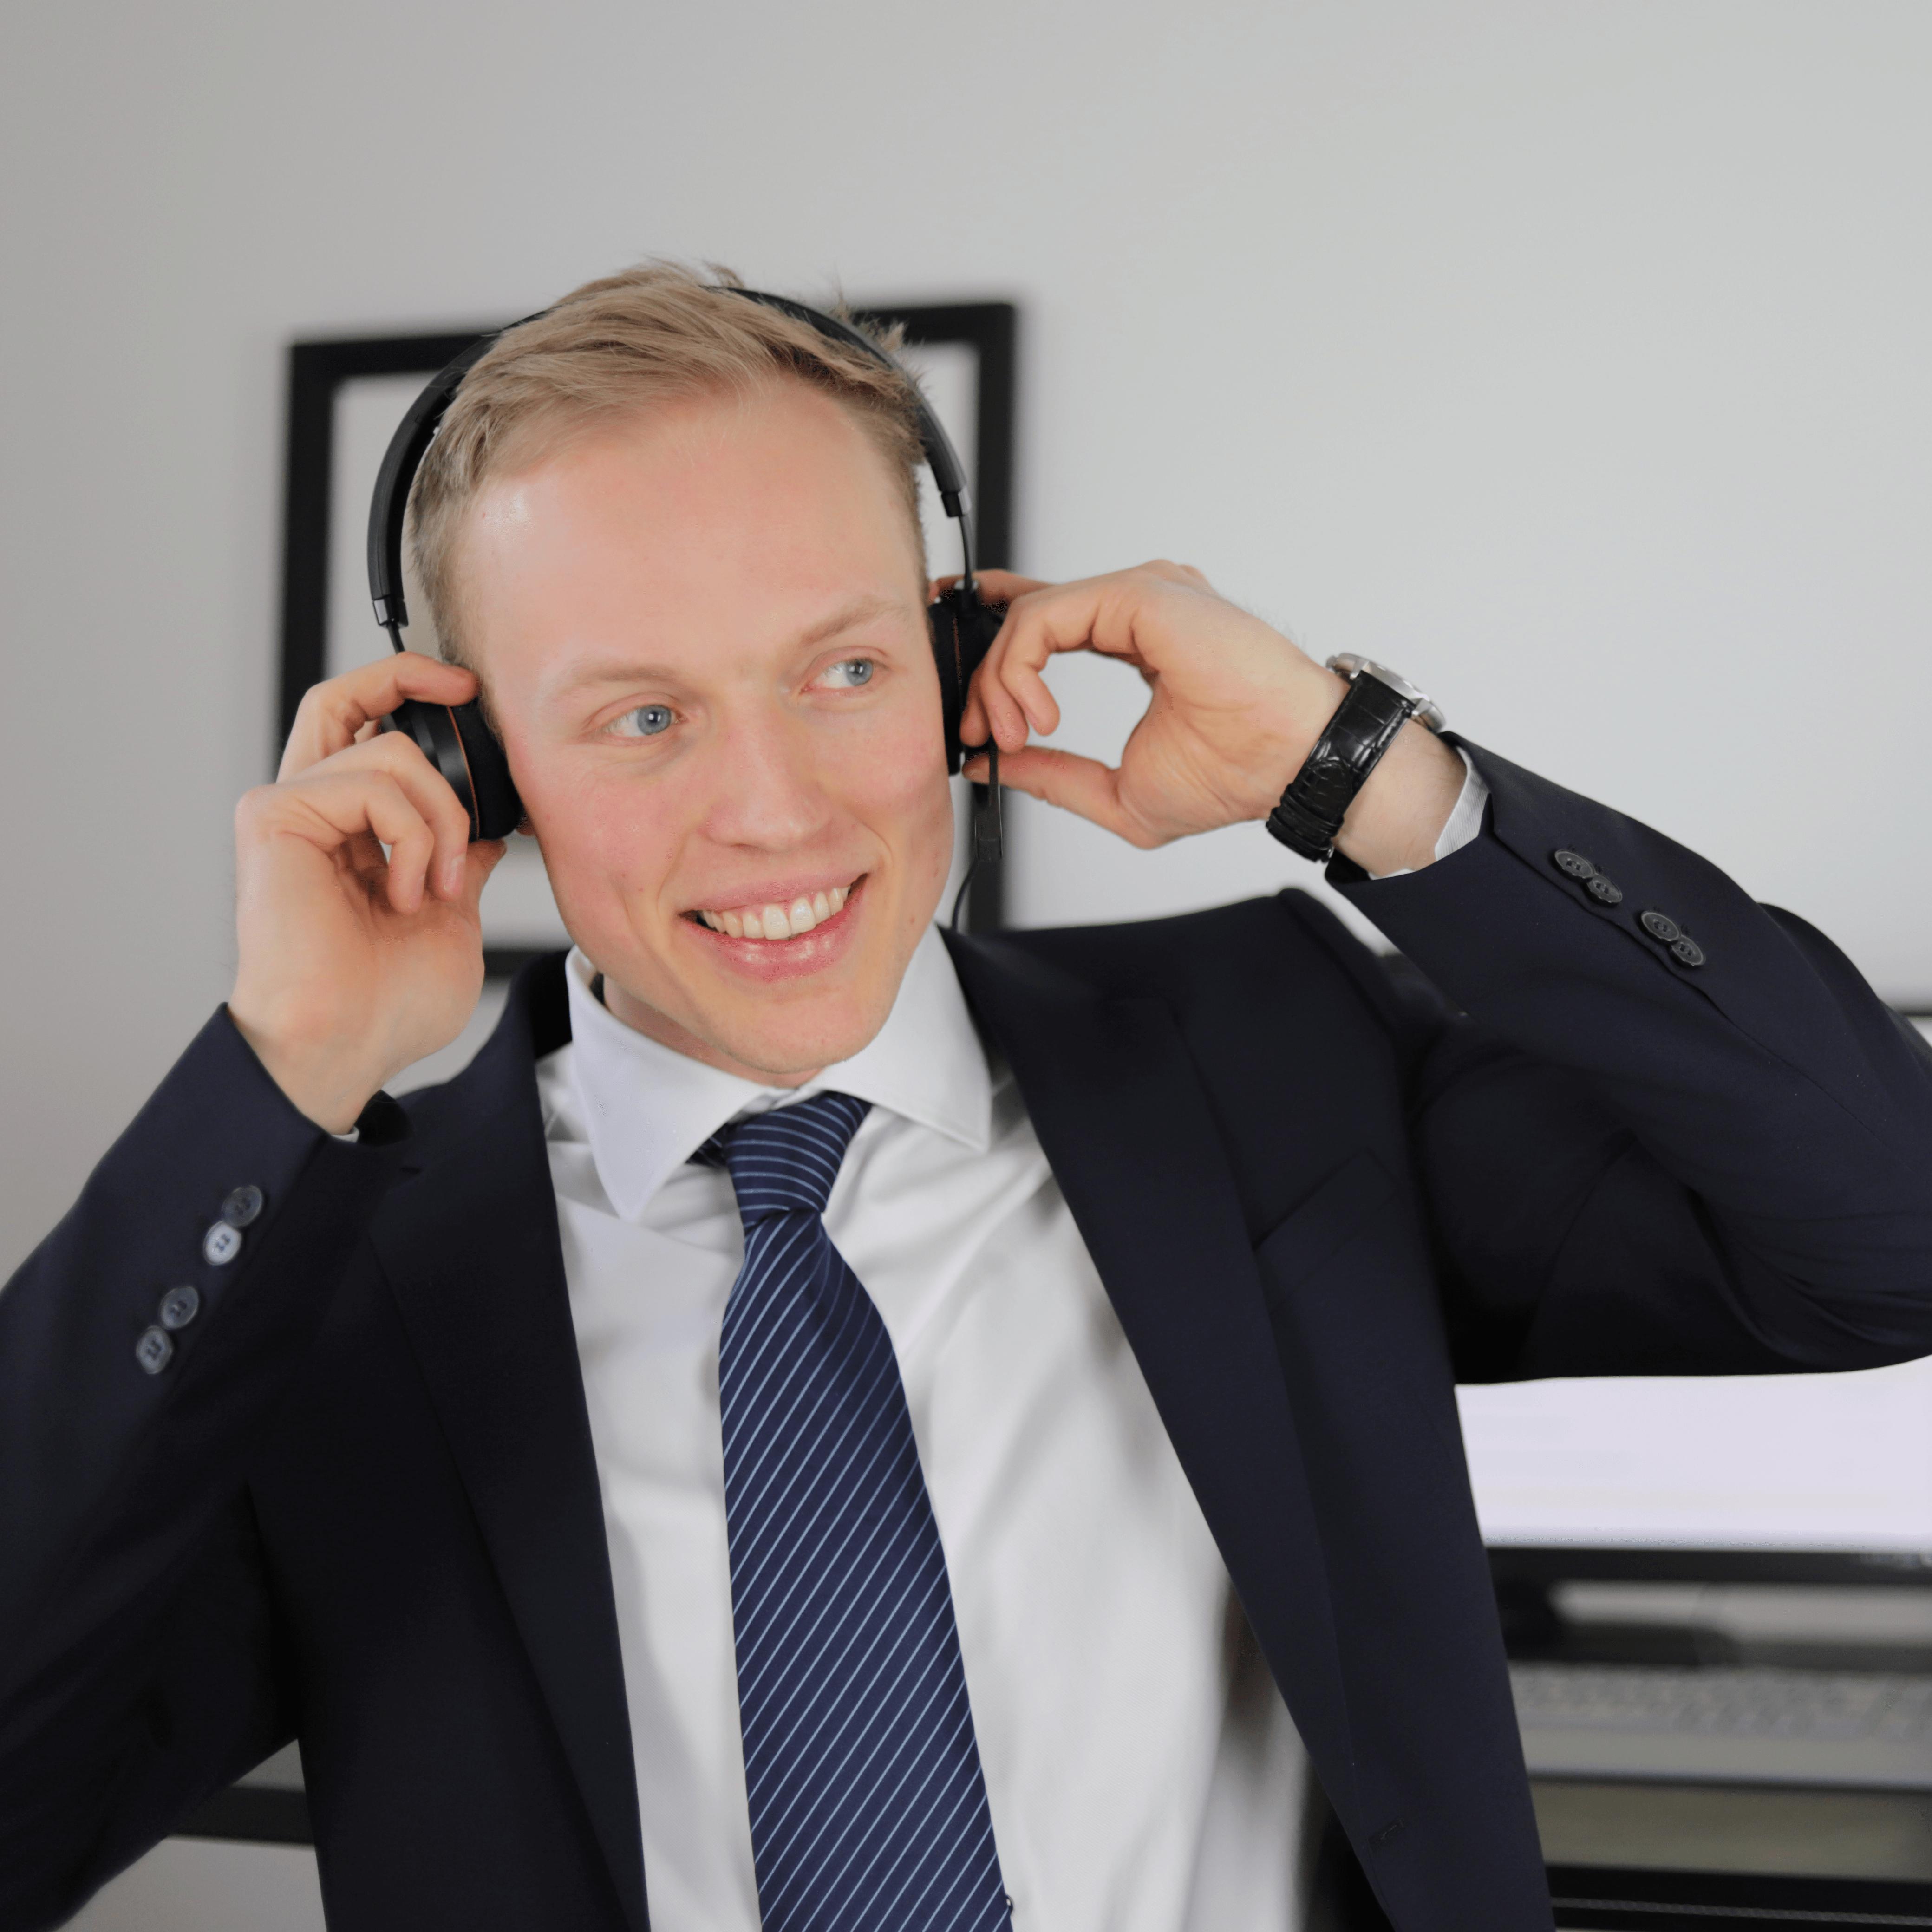 Daniel-Asmann-Webdesigner-und-Inhaber-Be-Brandy-Kassel-min-min.png